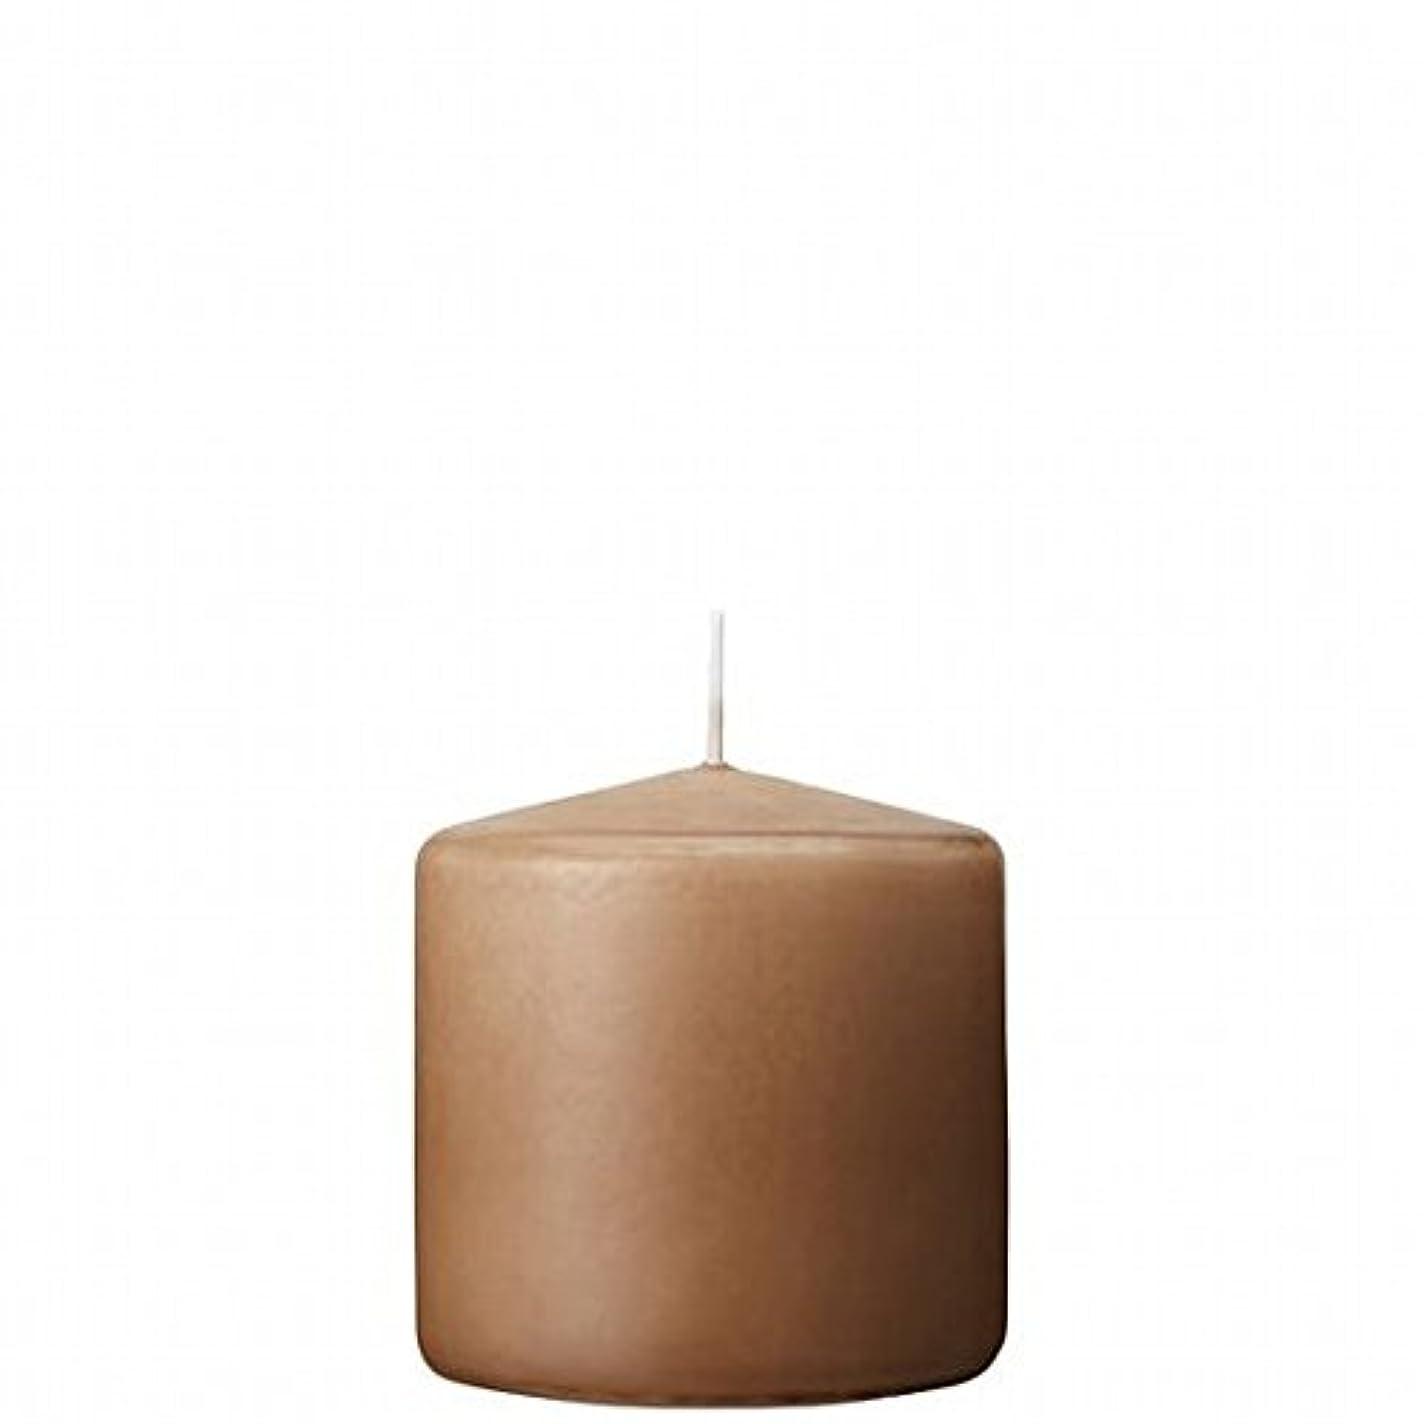 一致銀どれkameyama candle(カメヤマキャンドル) 3×3ベルトップピラーキャンドル 「 モカ 」(A9730000MO)